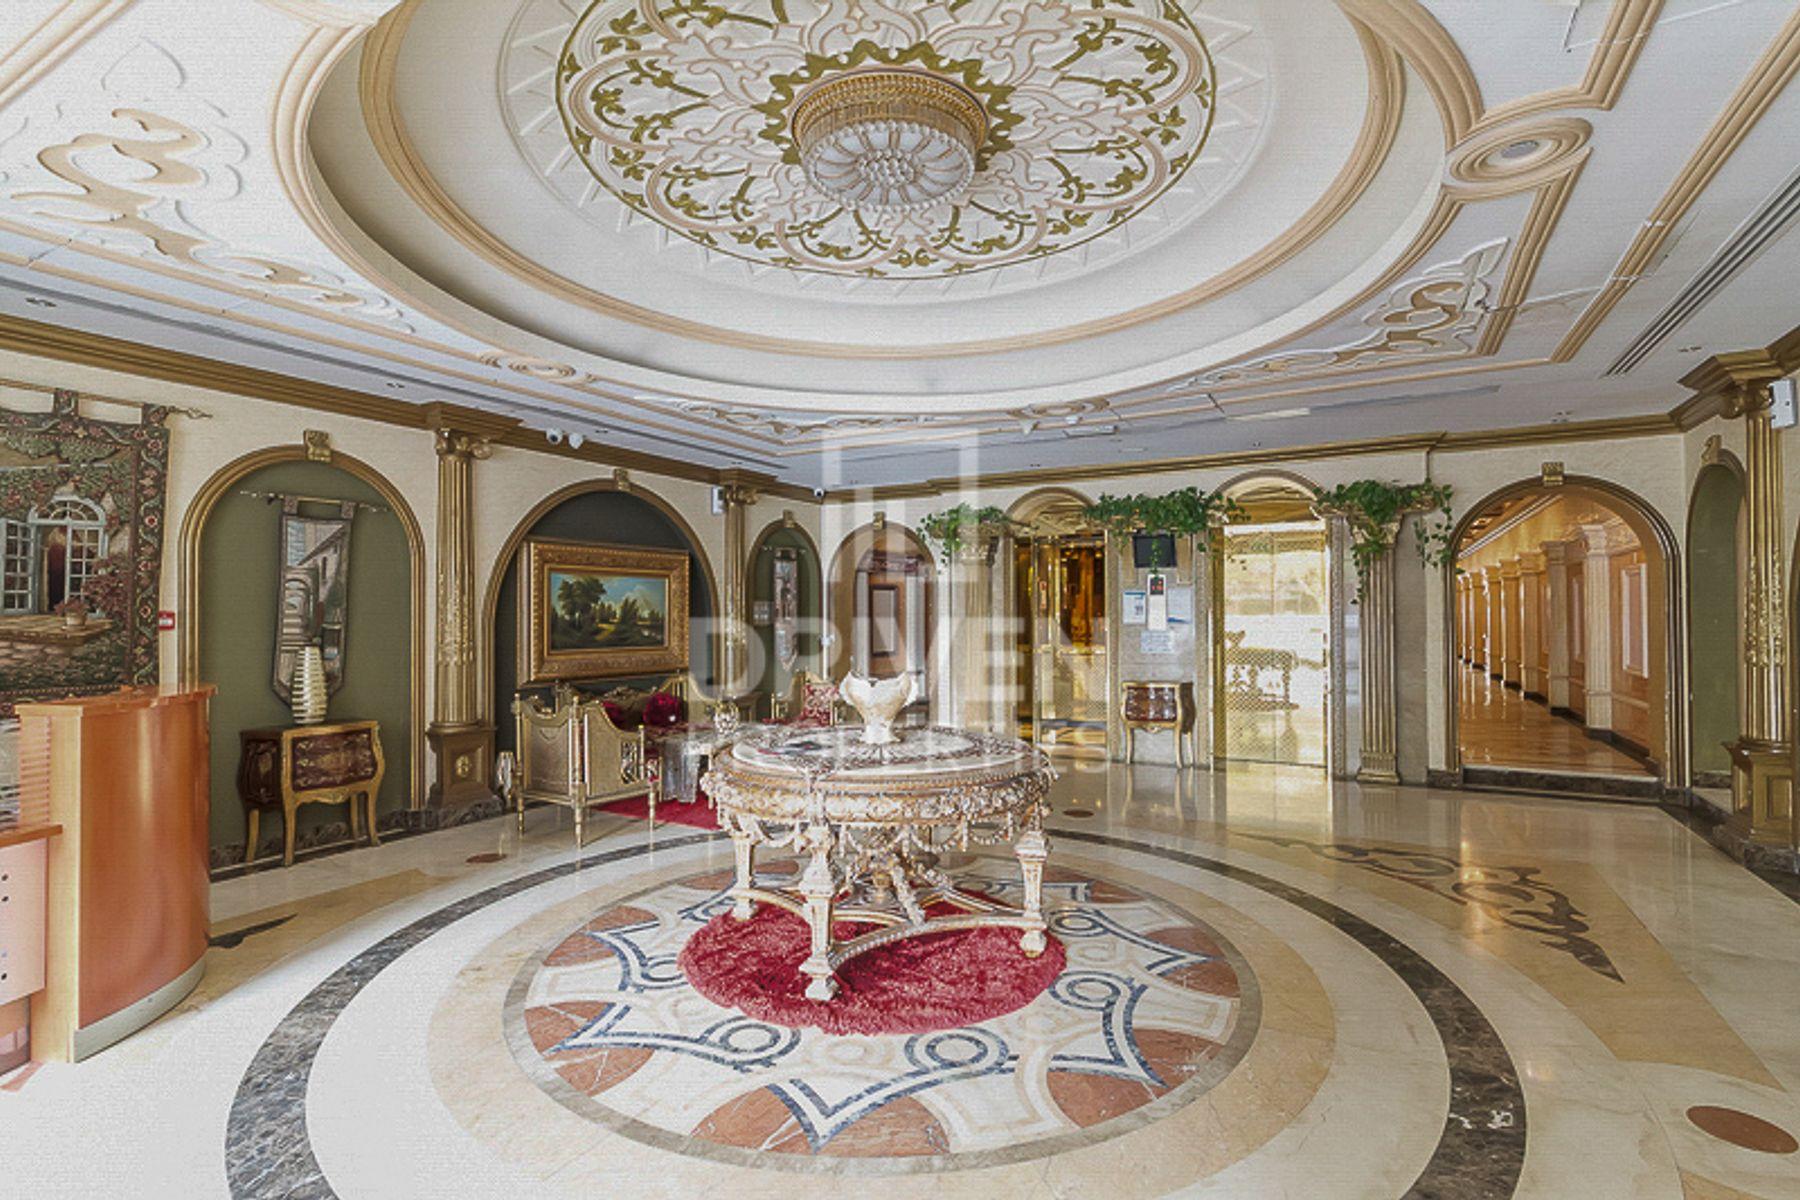 للايجار - ستوديو - القصر الأبيض - واحة السيليكون